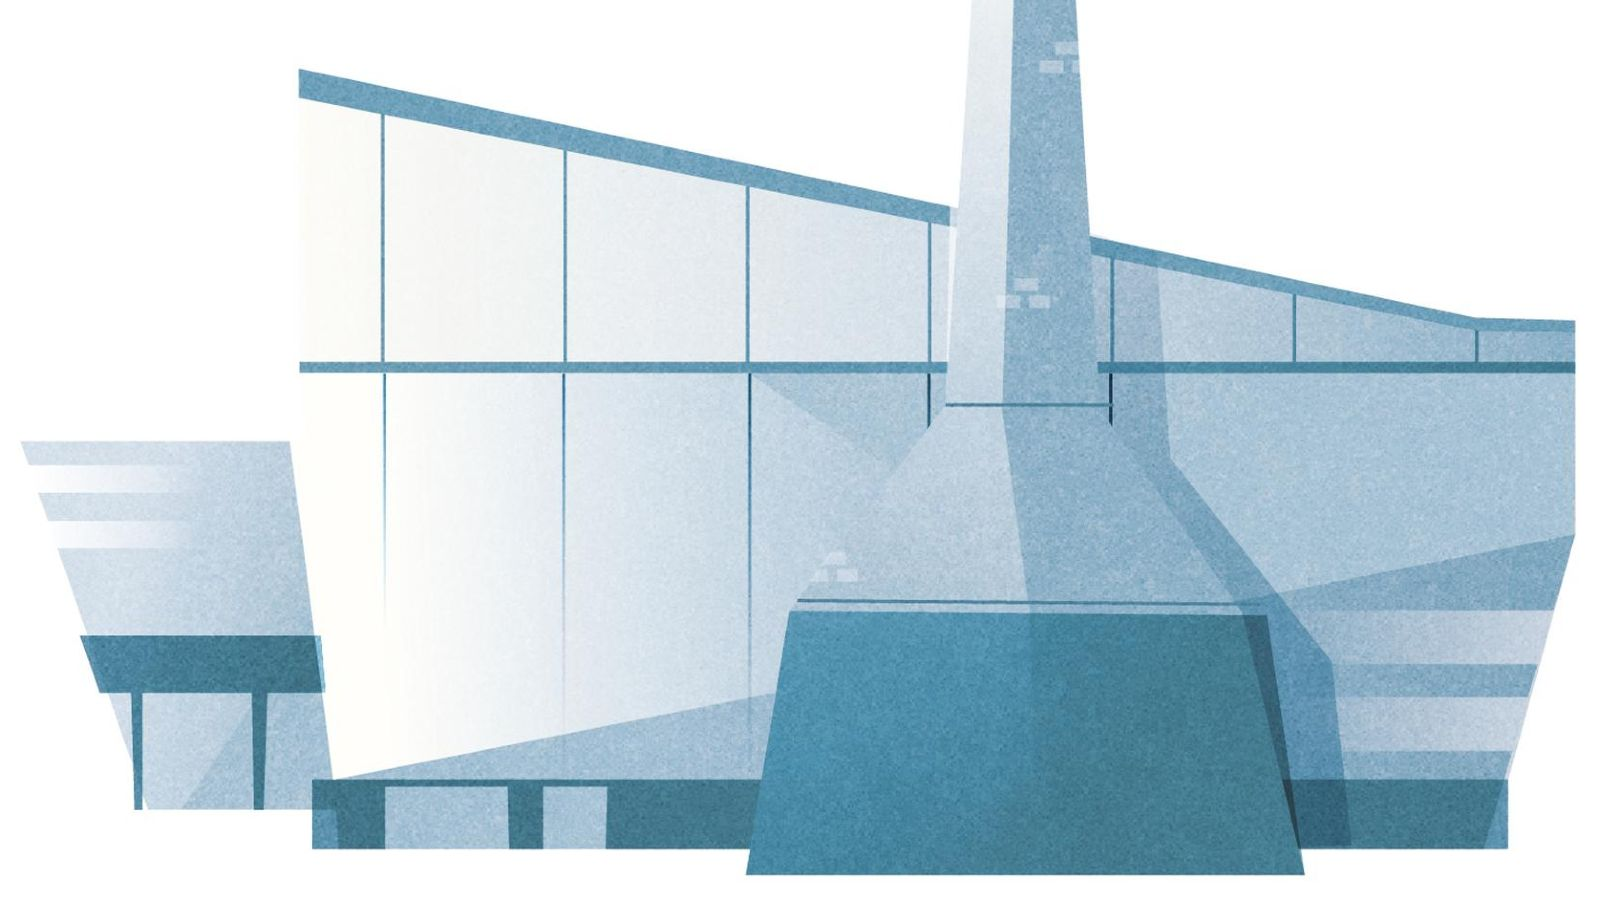 Das Bild zeigt die Zeichnung eines Glaswerks.